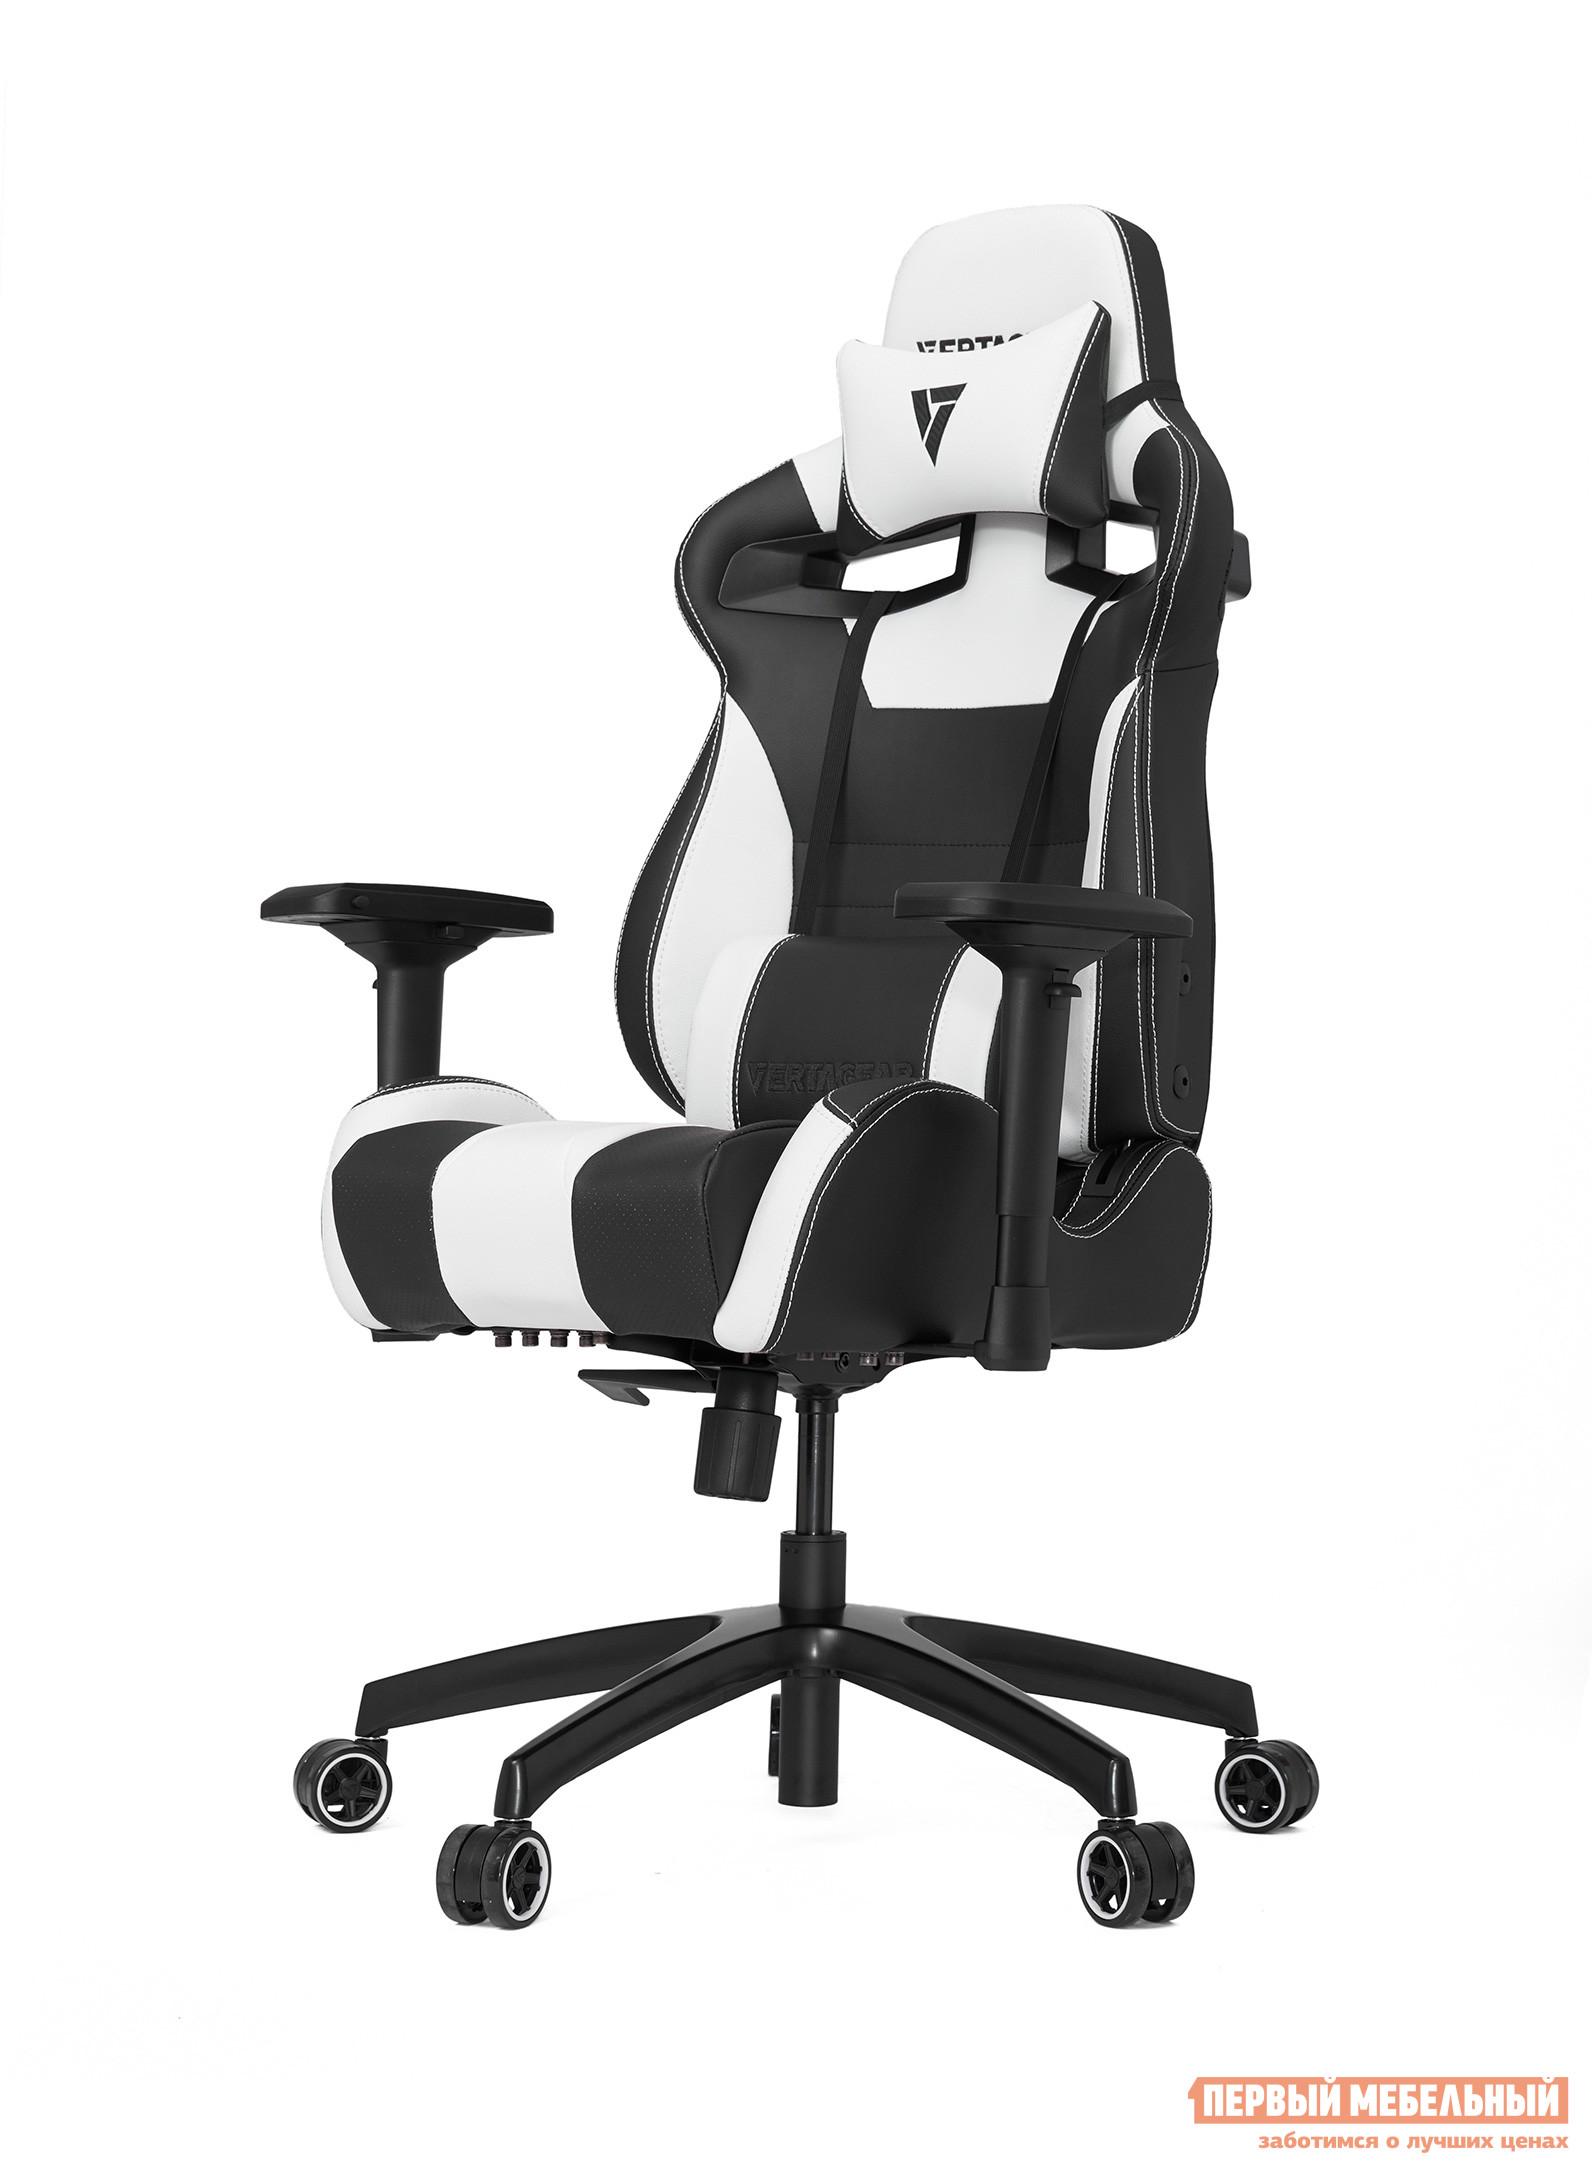 Компьютерное кресло для геймера Эрготроника SL4000 компьютерное игровое кресло для геймера бюрократ 771